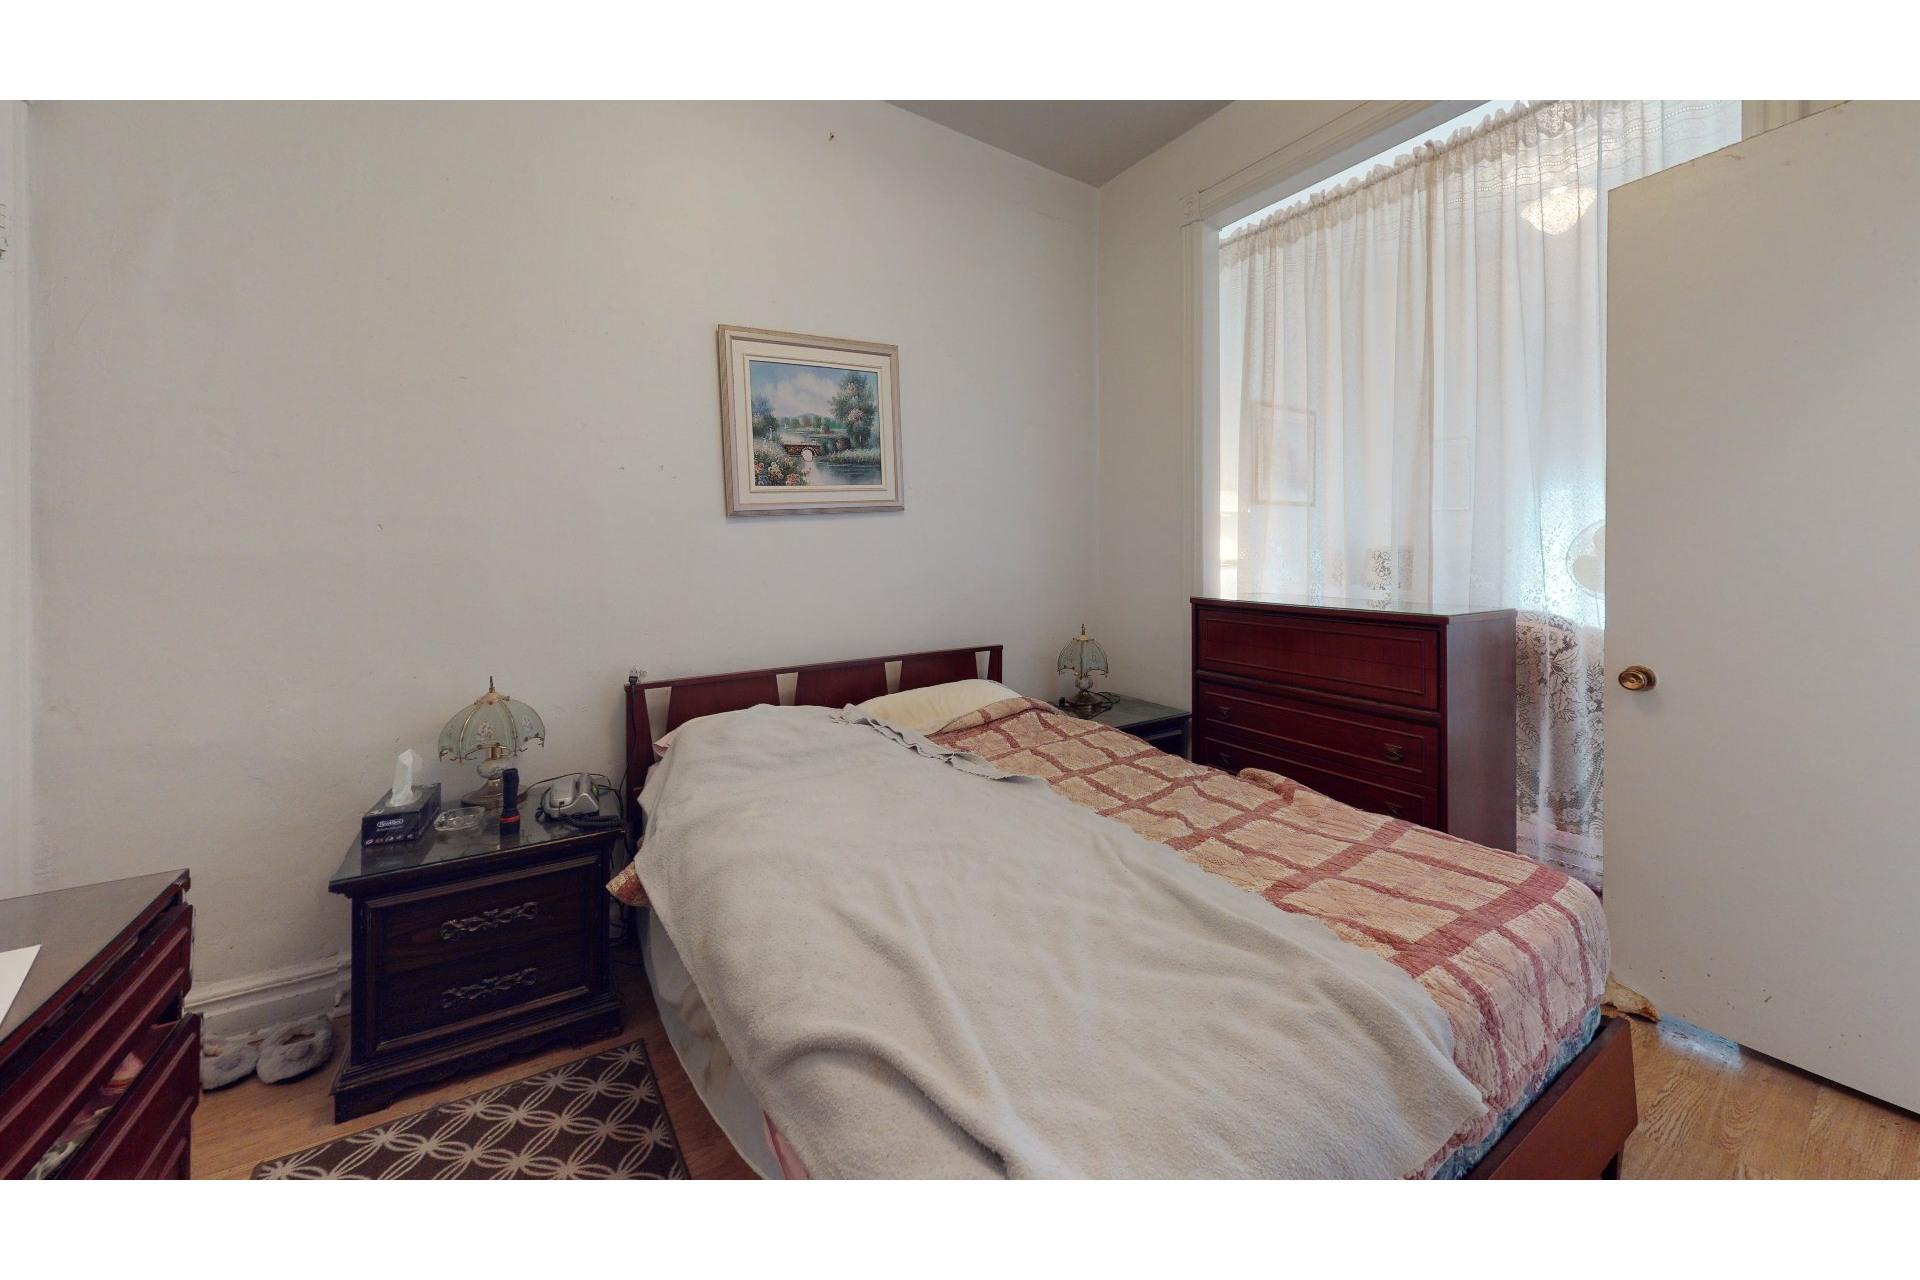 image 26 - Duplex À vendre Rosemont/La Petite-Patrie Montréal  - 7 pièces